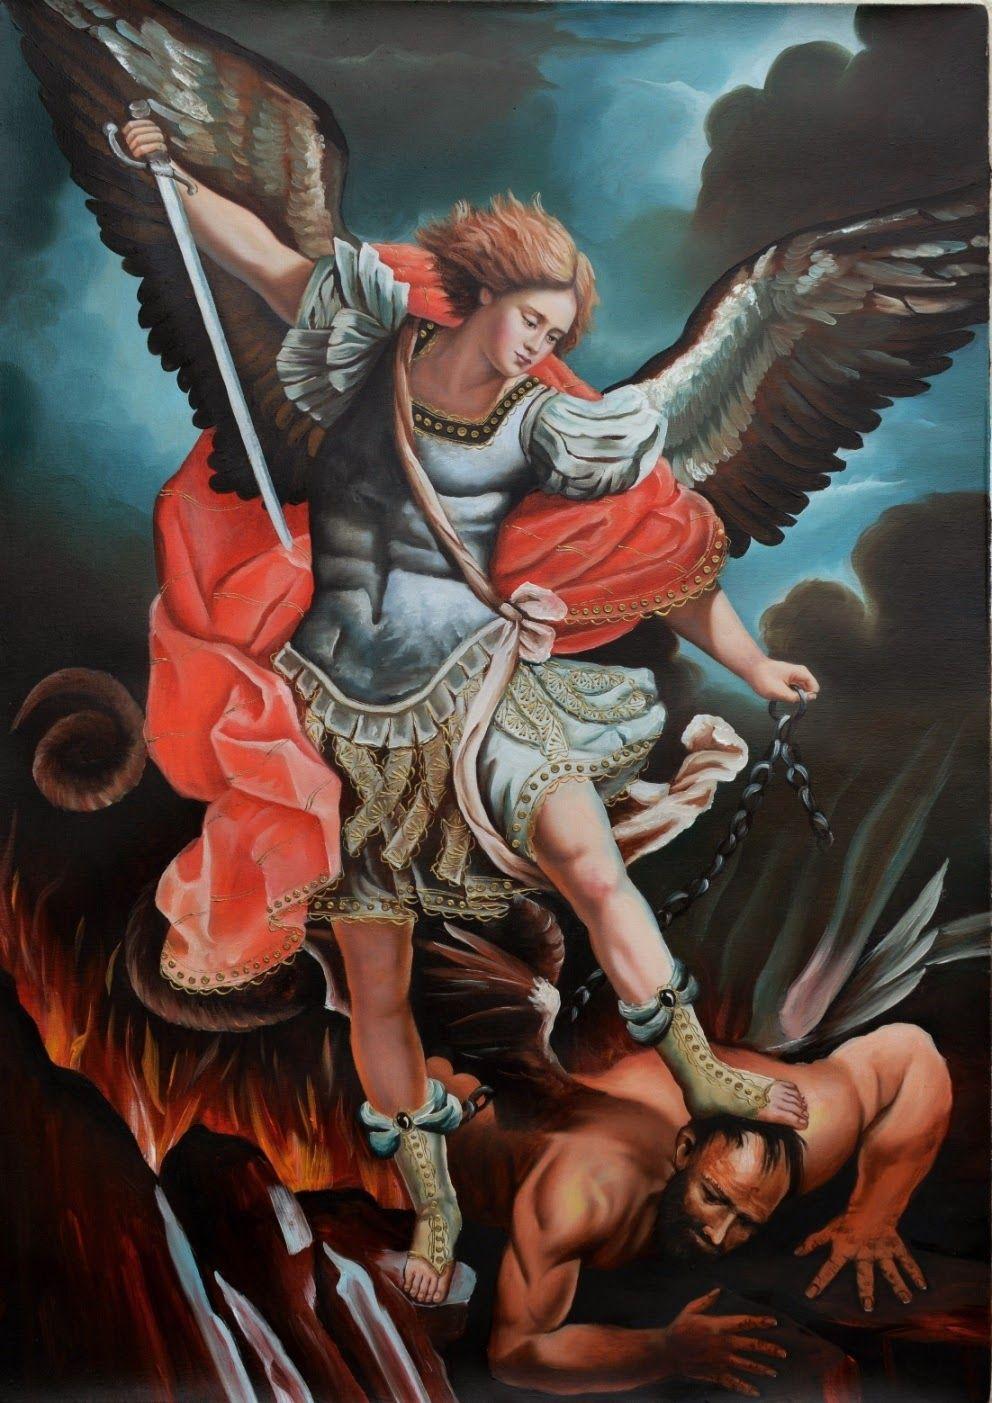 Lucifer Cast Out Heaven